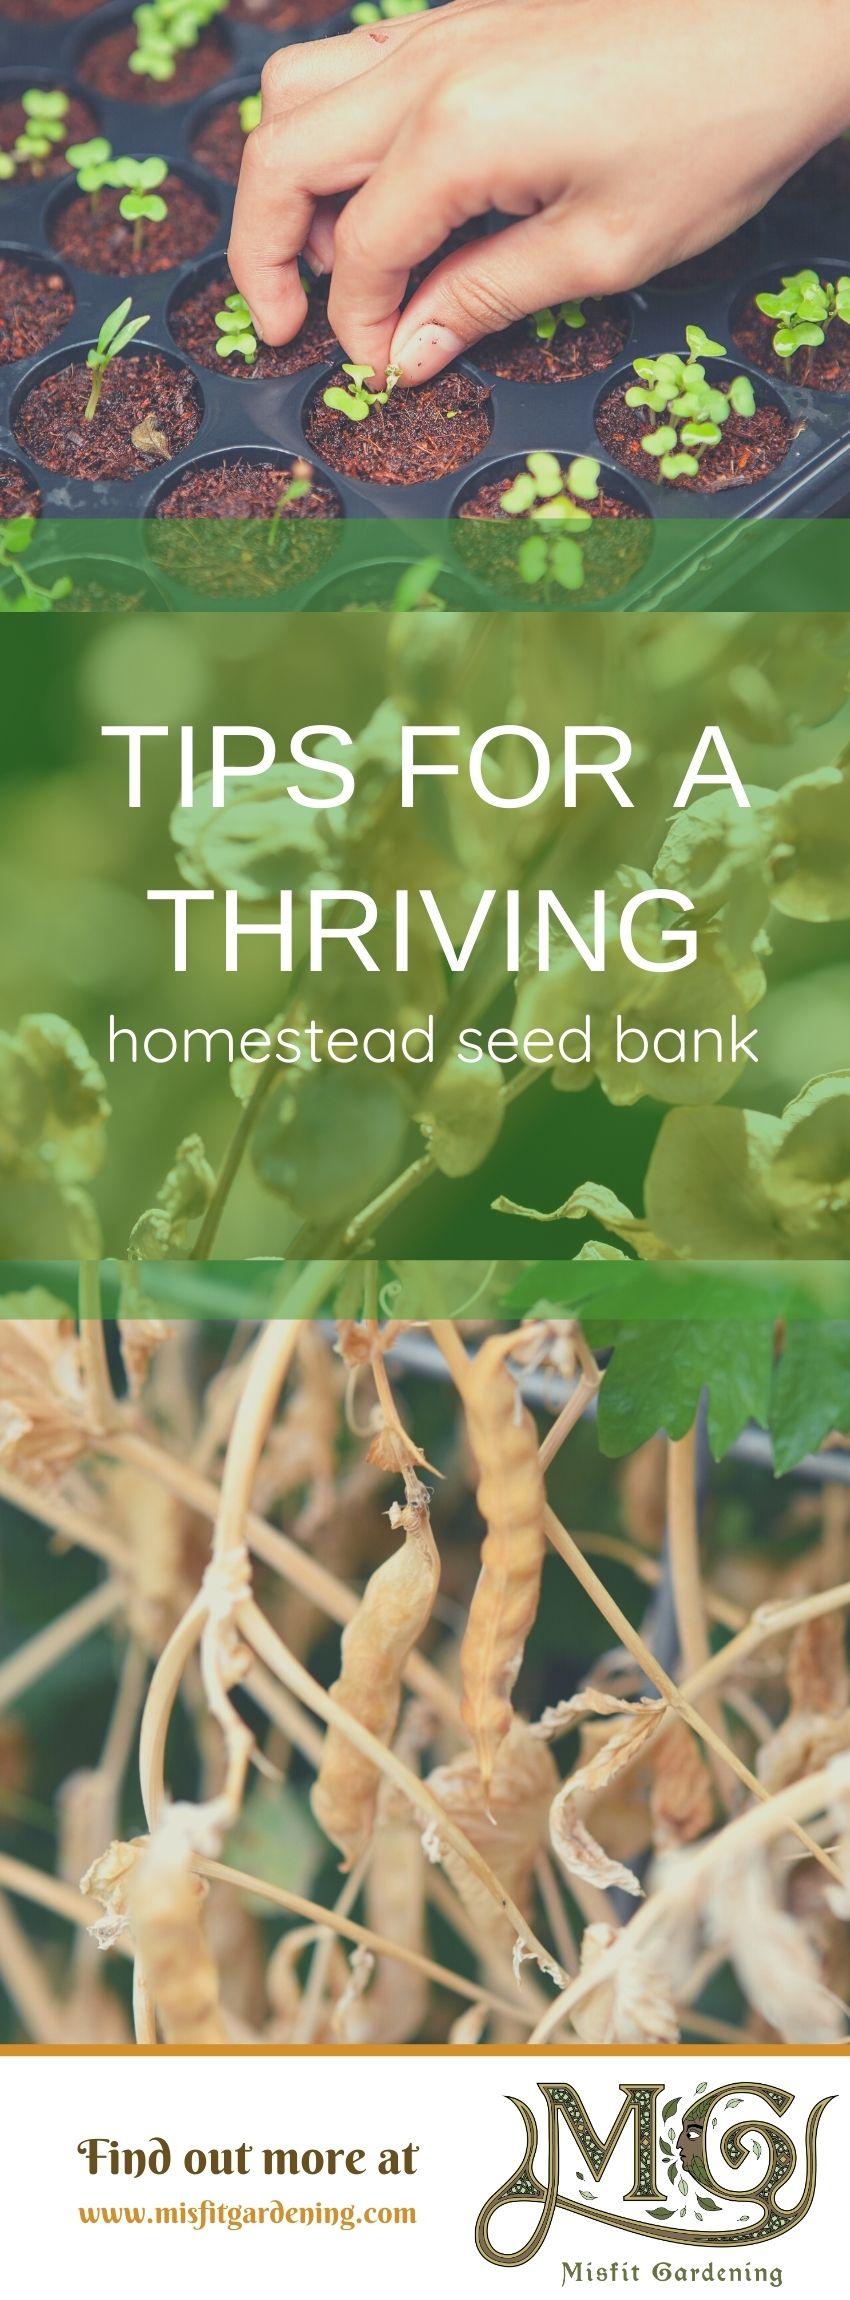 Klicken Sie hier, um Tipps für eine florierende Samenbank anzuzeigen, oder stecken Sie sie fest und speichern Sie sie für später. #homestead #organic #gardening